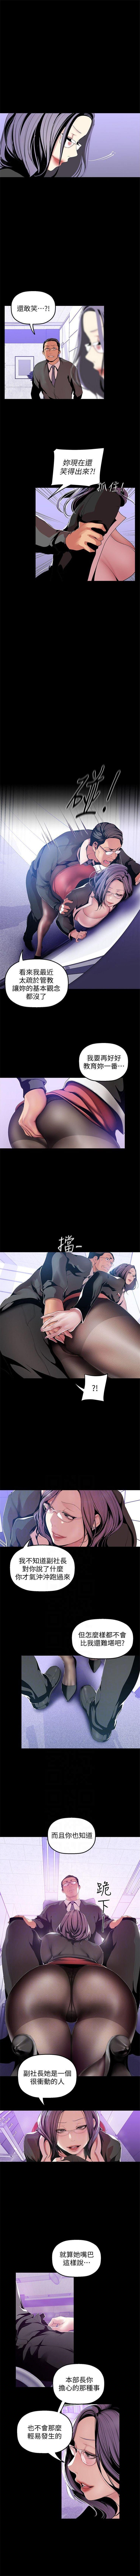 (周6)美丽新世界 1-61 中文翻译 (更新中) 340